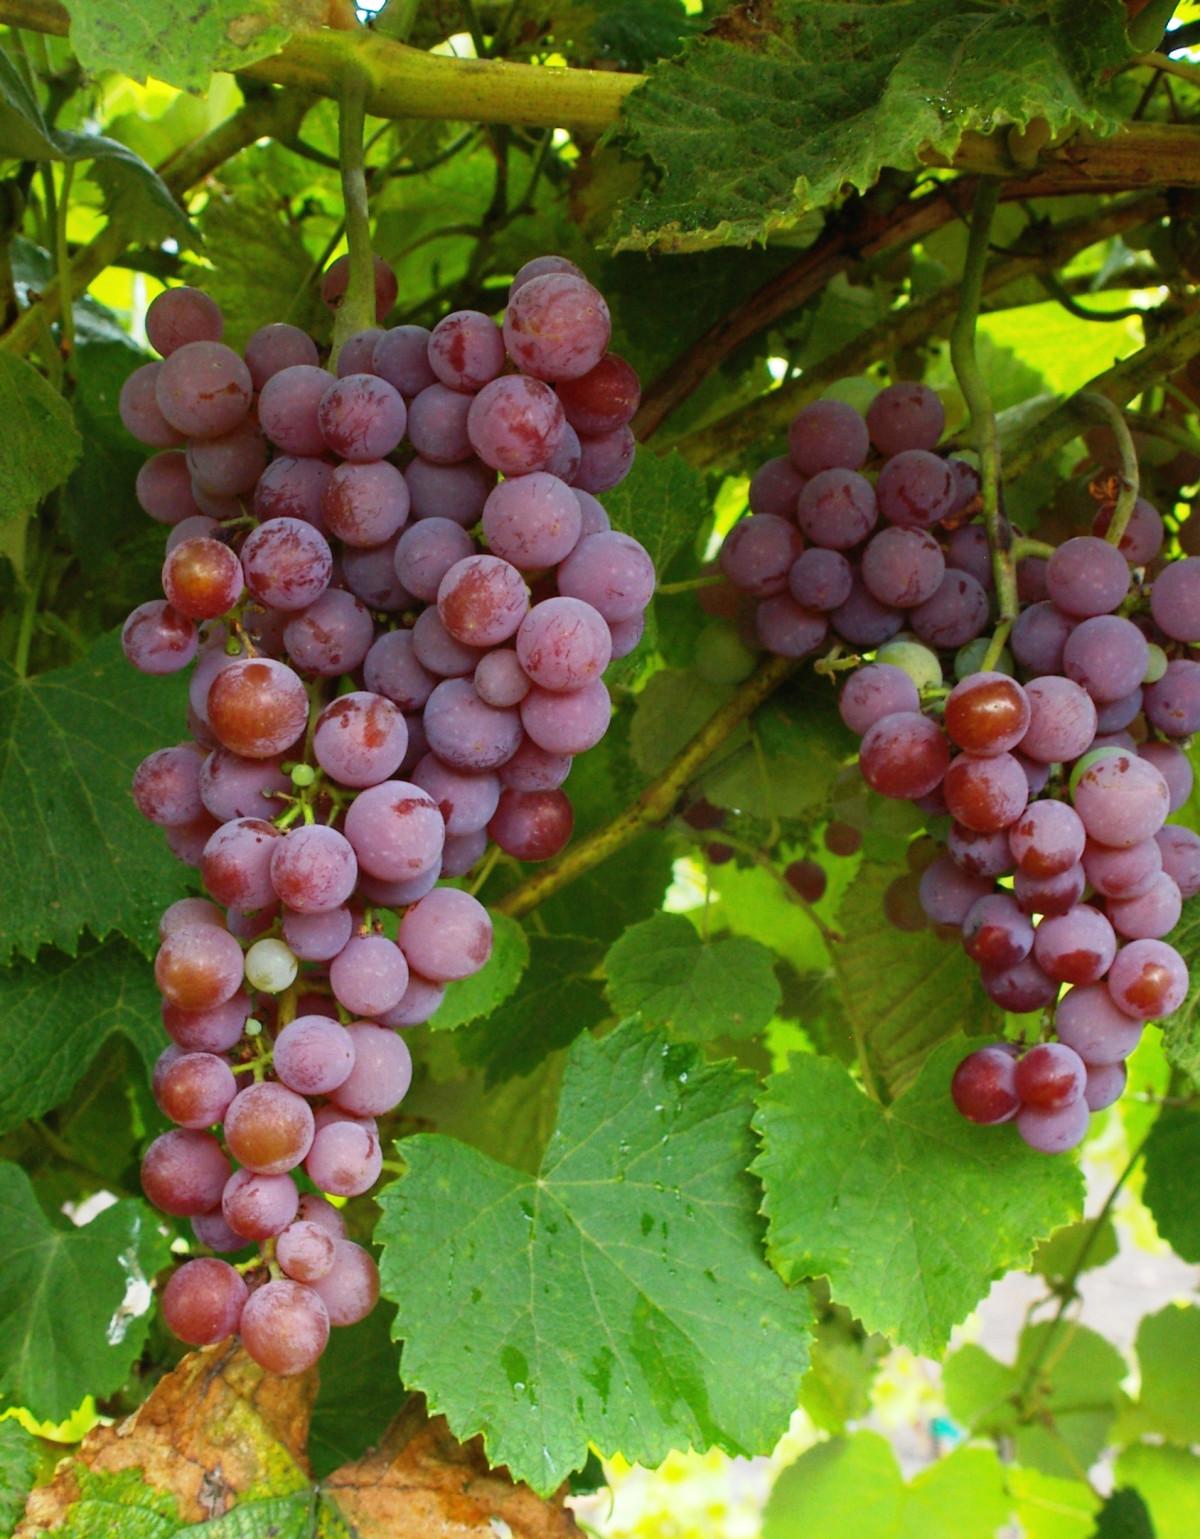 Tramini vörös borszőlő